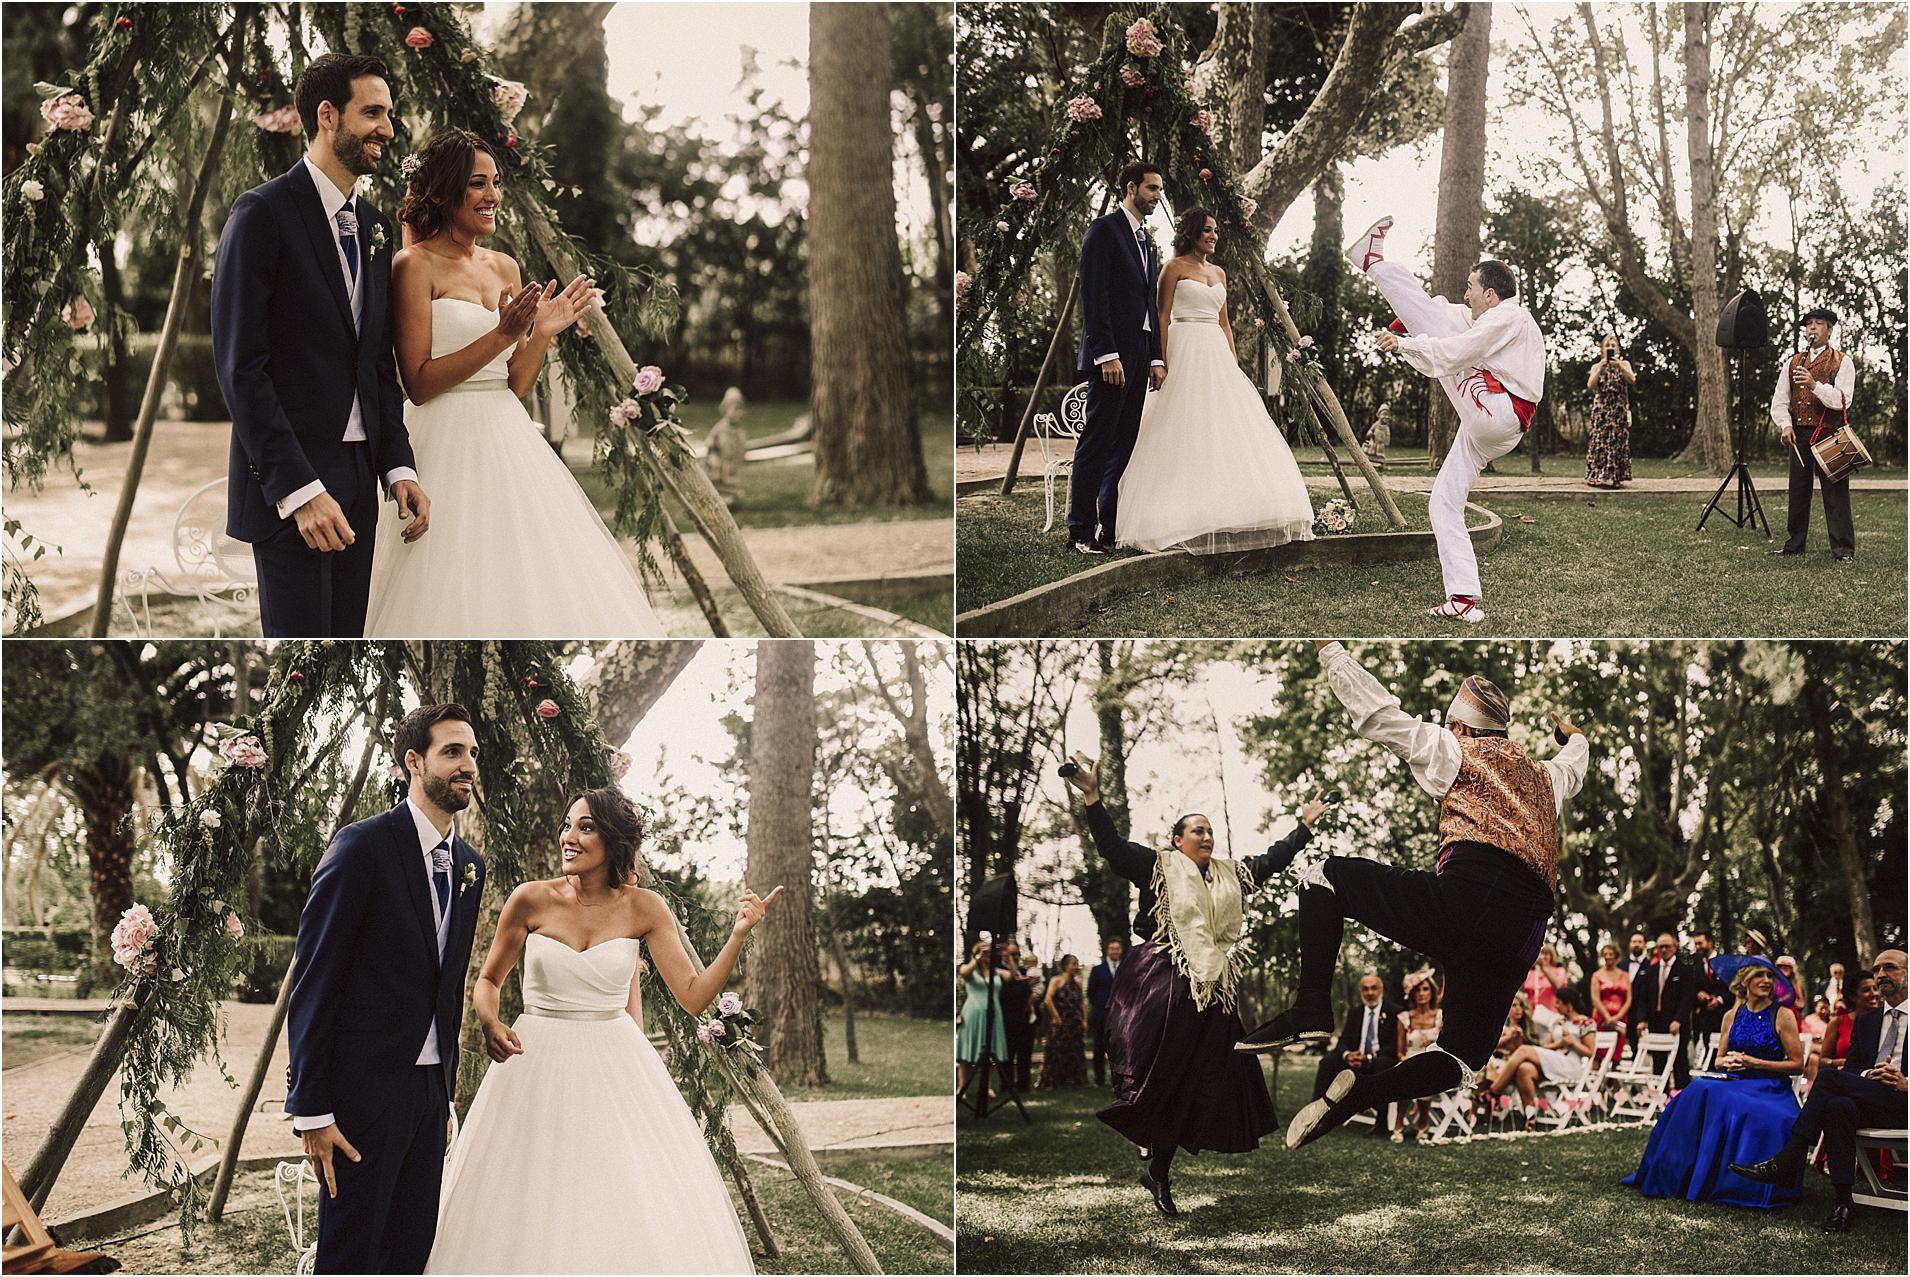 Fotografos-de-boda-donostia-zaragoza-san-sebastian-destination-wedding-photographer-59.jpg